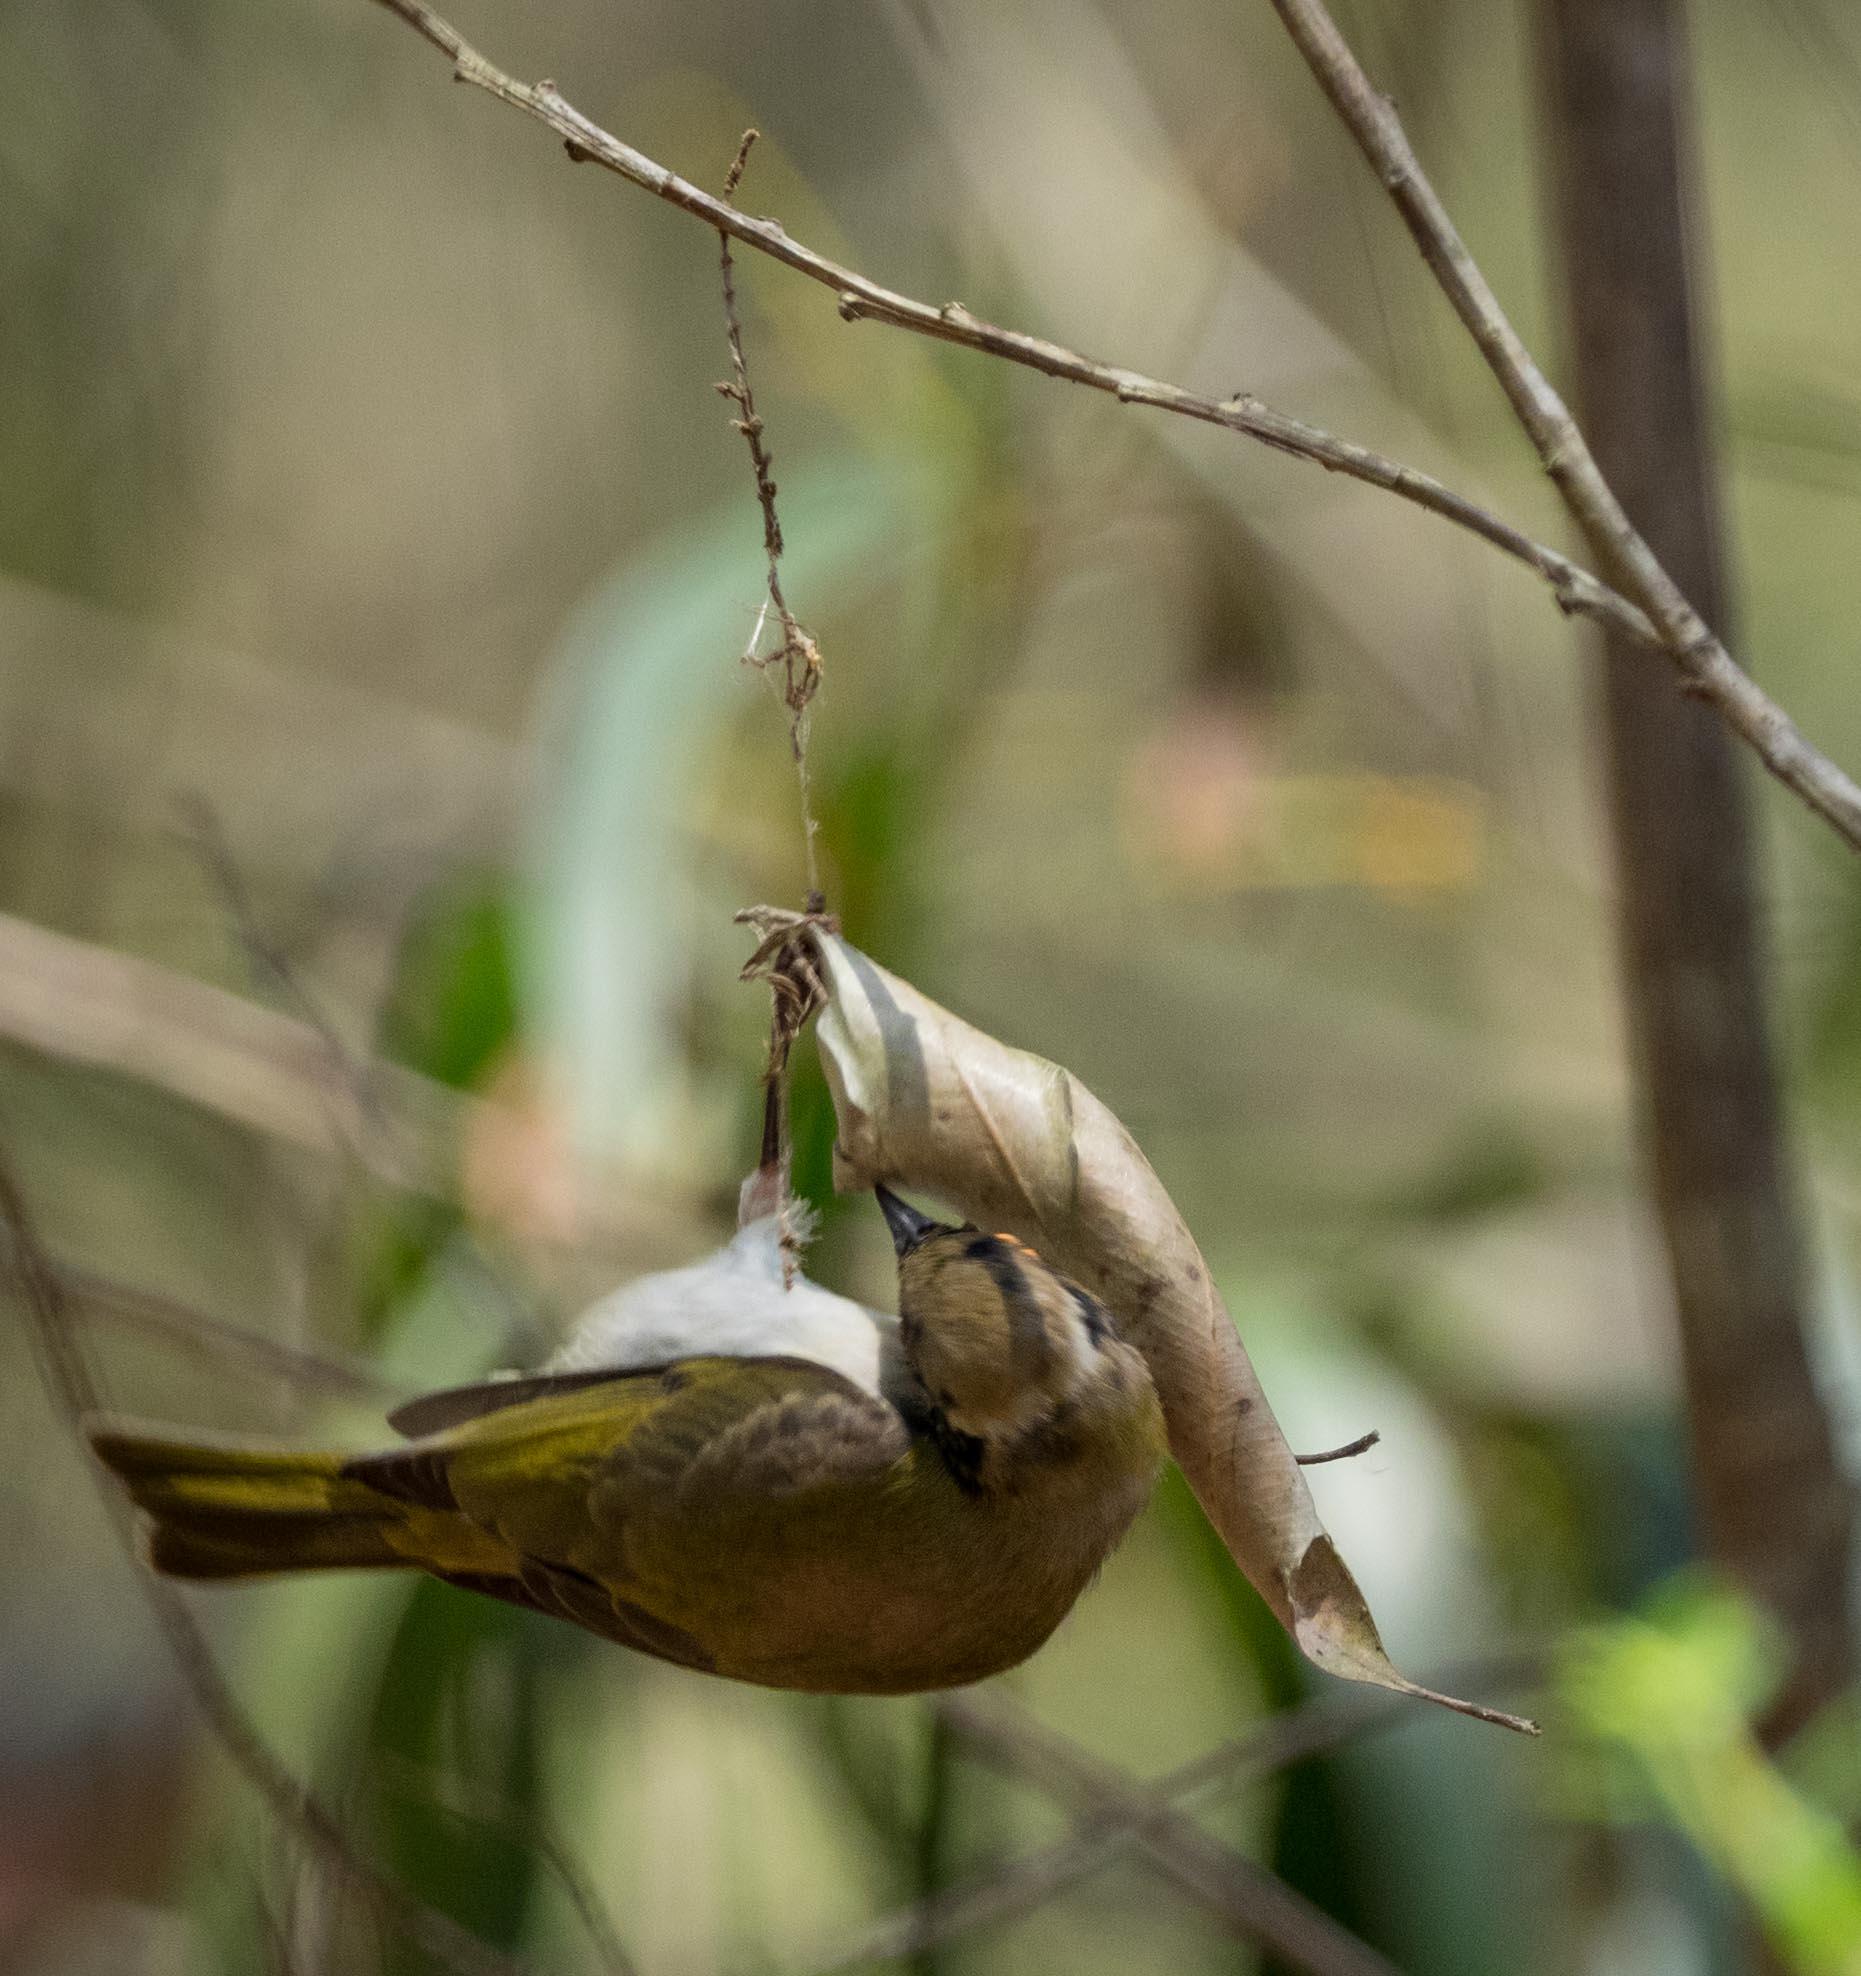 4. Unperturbed, the bird continues its attack